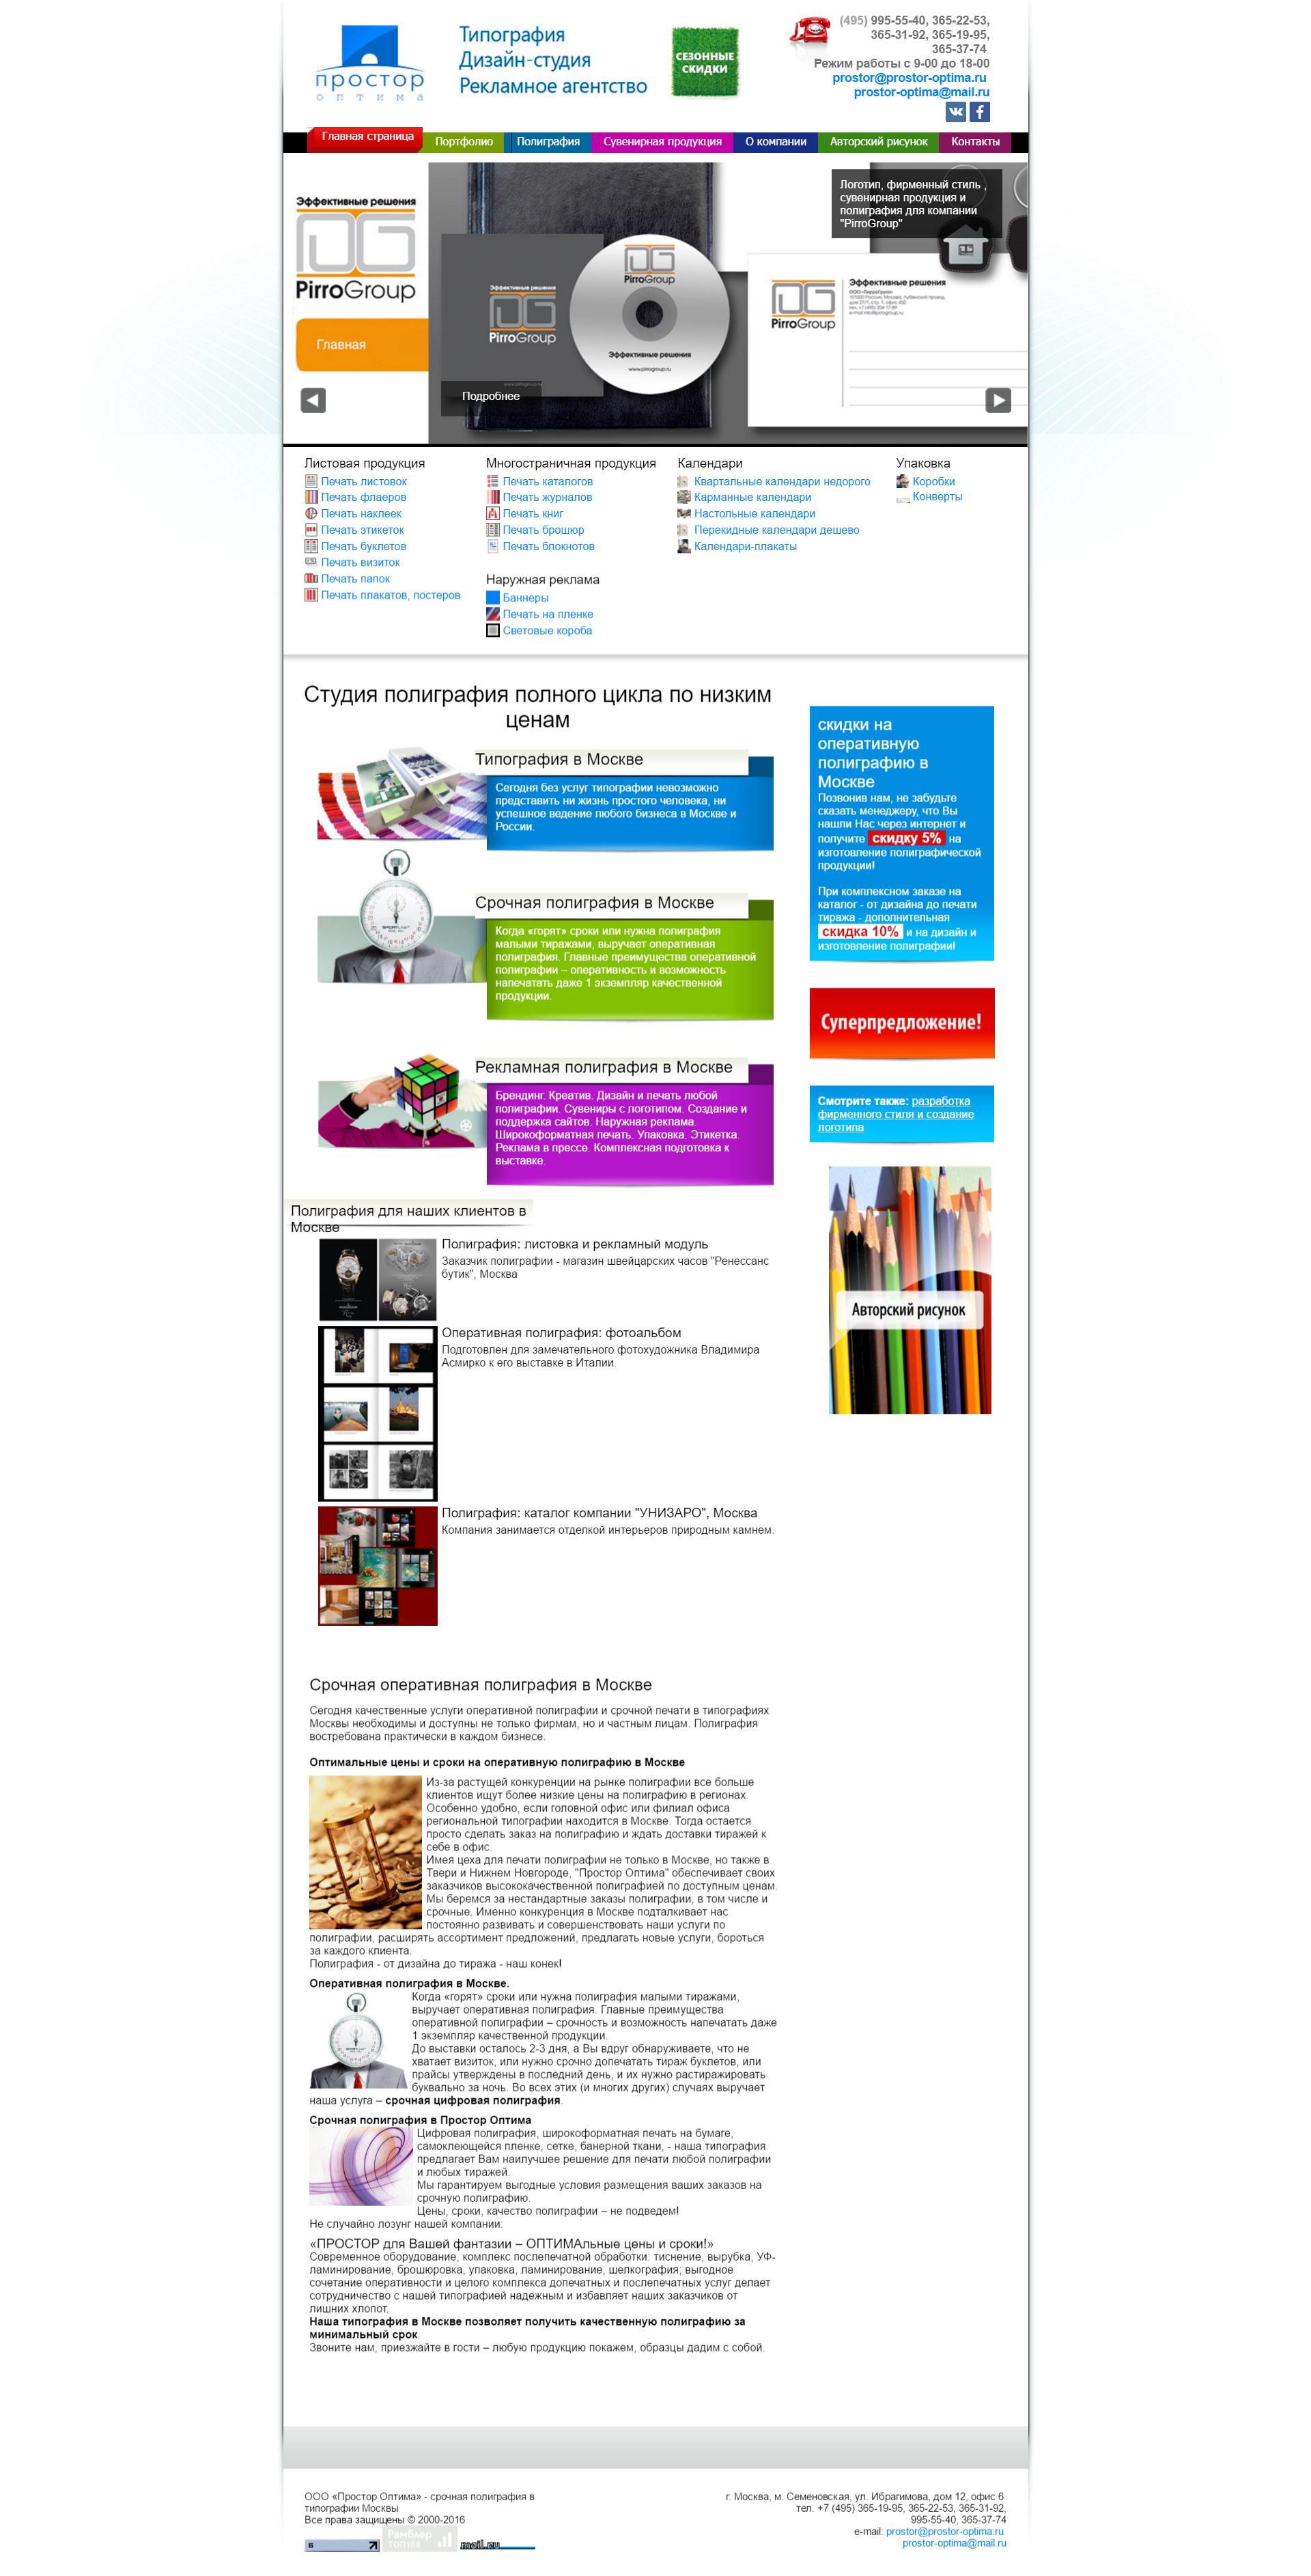 Интернет реклама сайта стоимость nebraska социальные сети и их значение в интернет-маркетинге